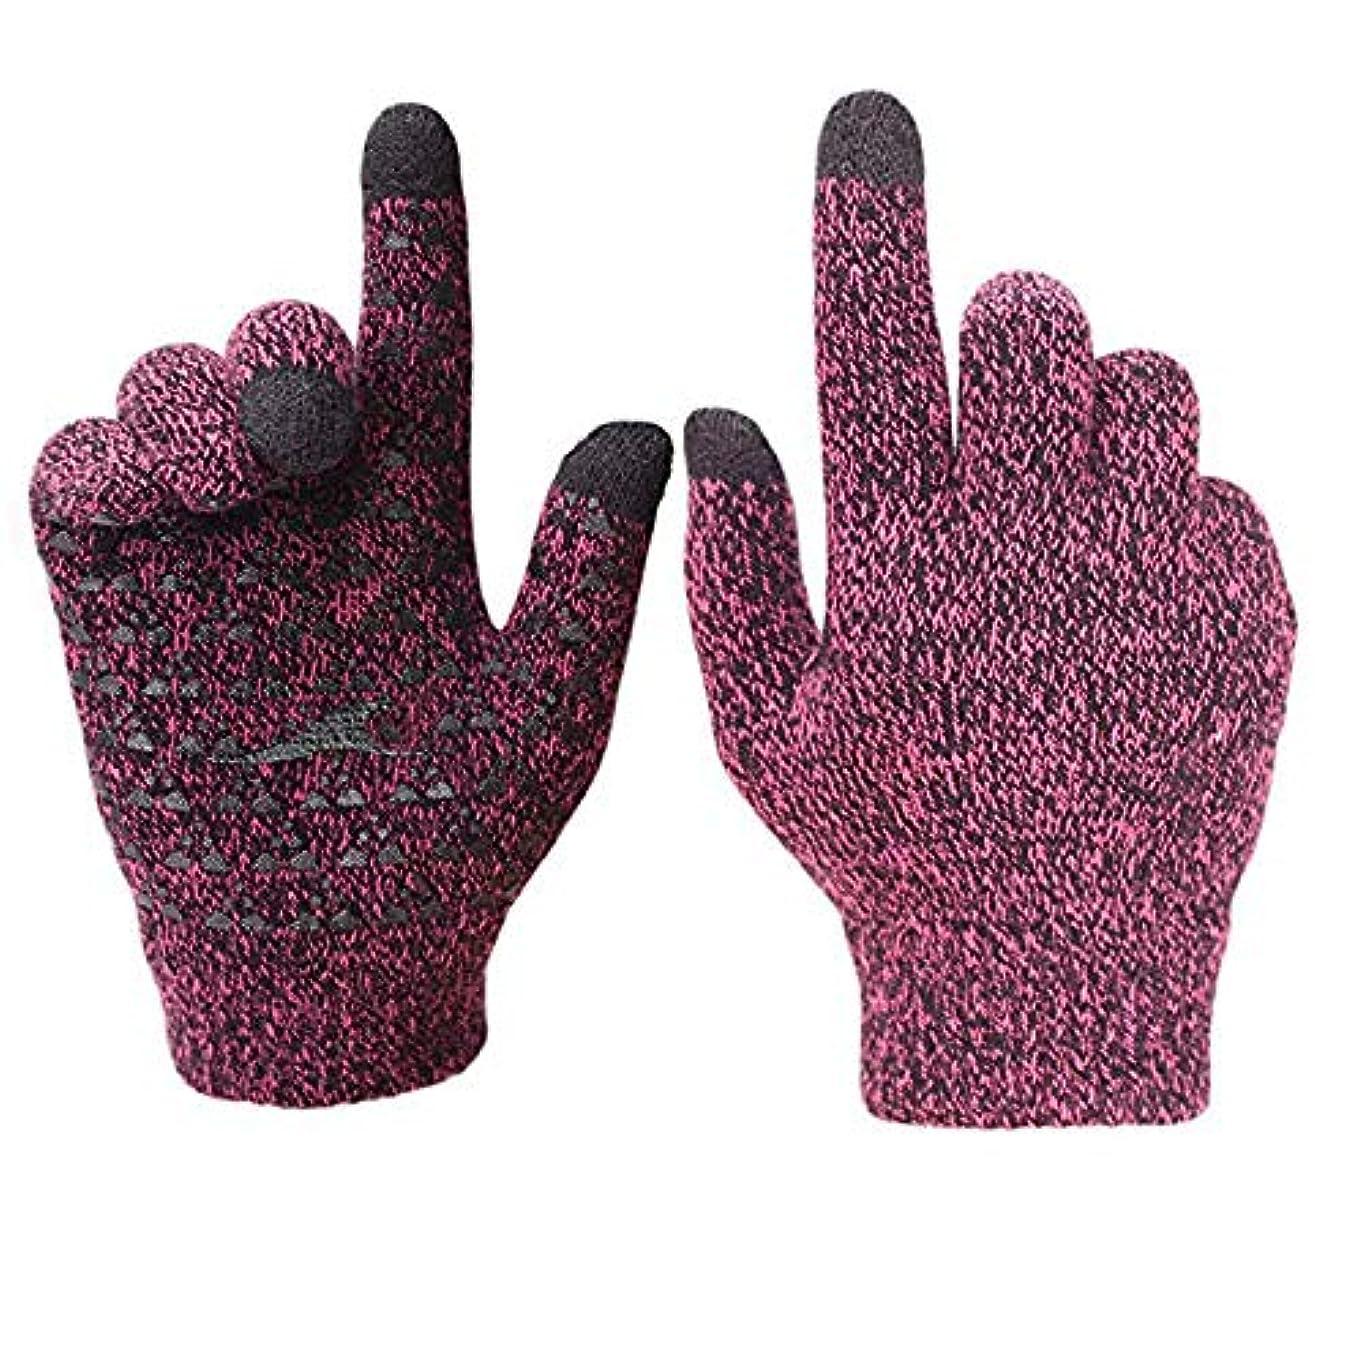 適合あいまいレンチ女性のための冬のニットグローブタッチスクリーン暖かいサーマルソフトライニング弾性カフテキストメッセージ滑り止めの選択